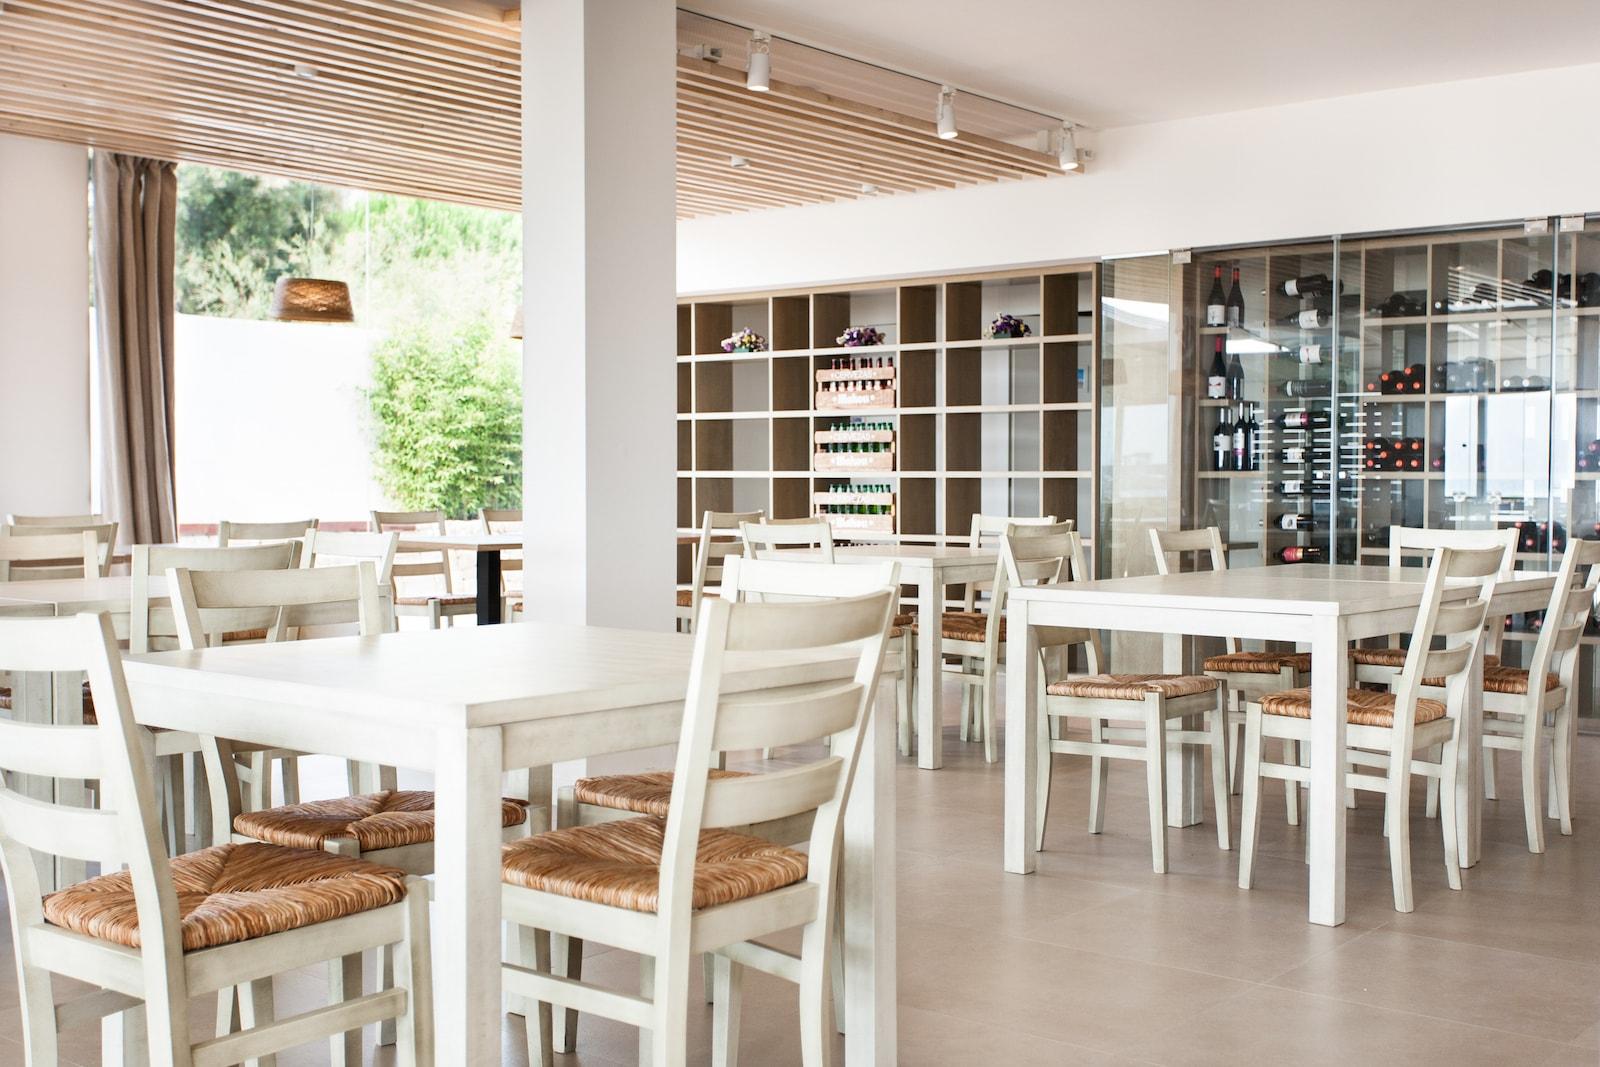 Quienes somos la ferrera restaurantes en pinedo - Restaurante en pinedo ...